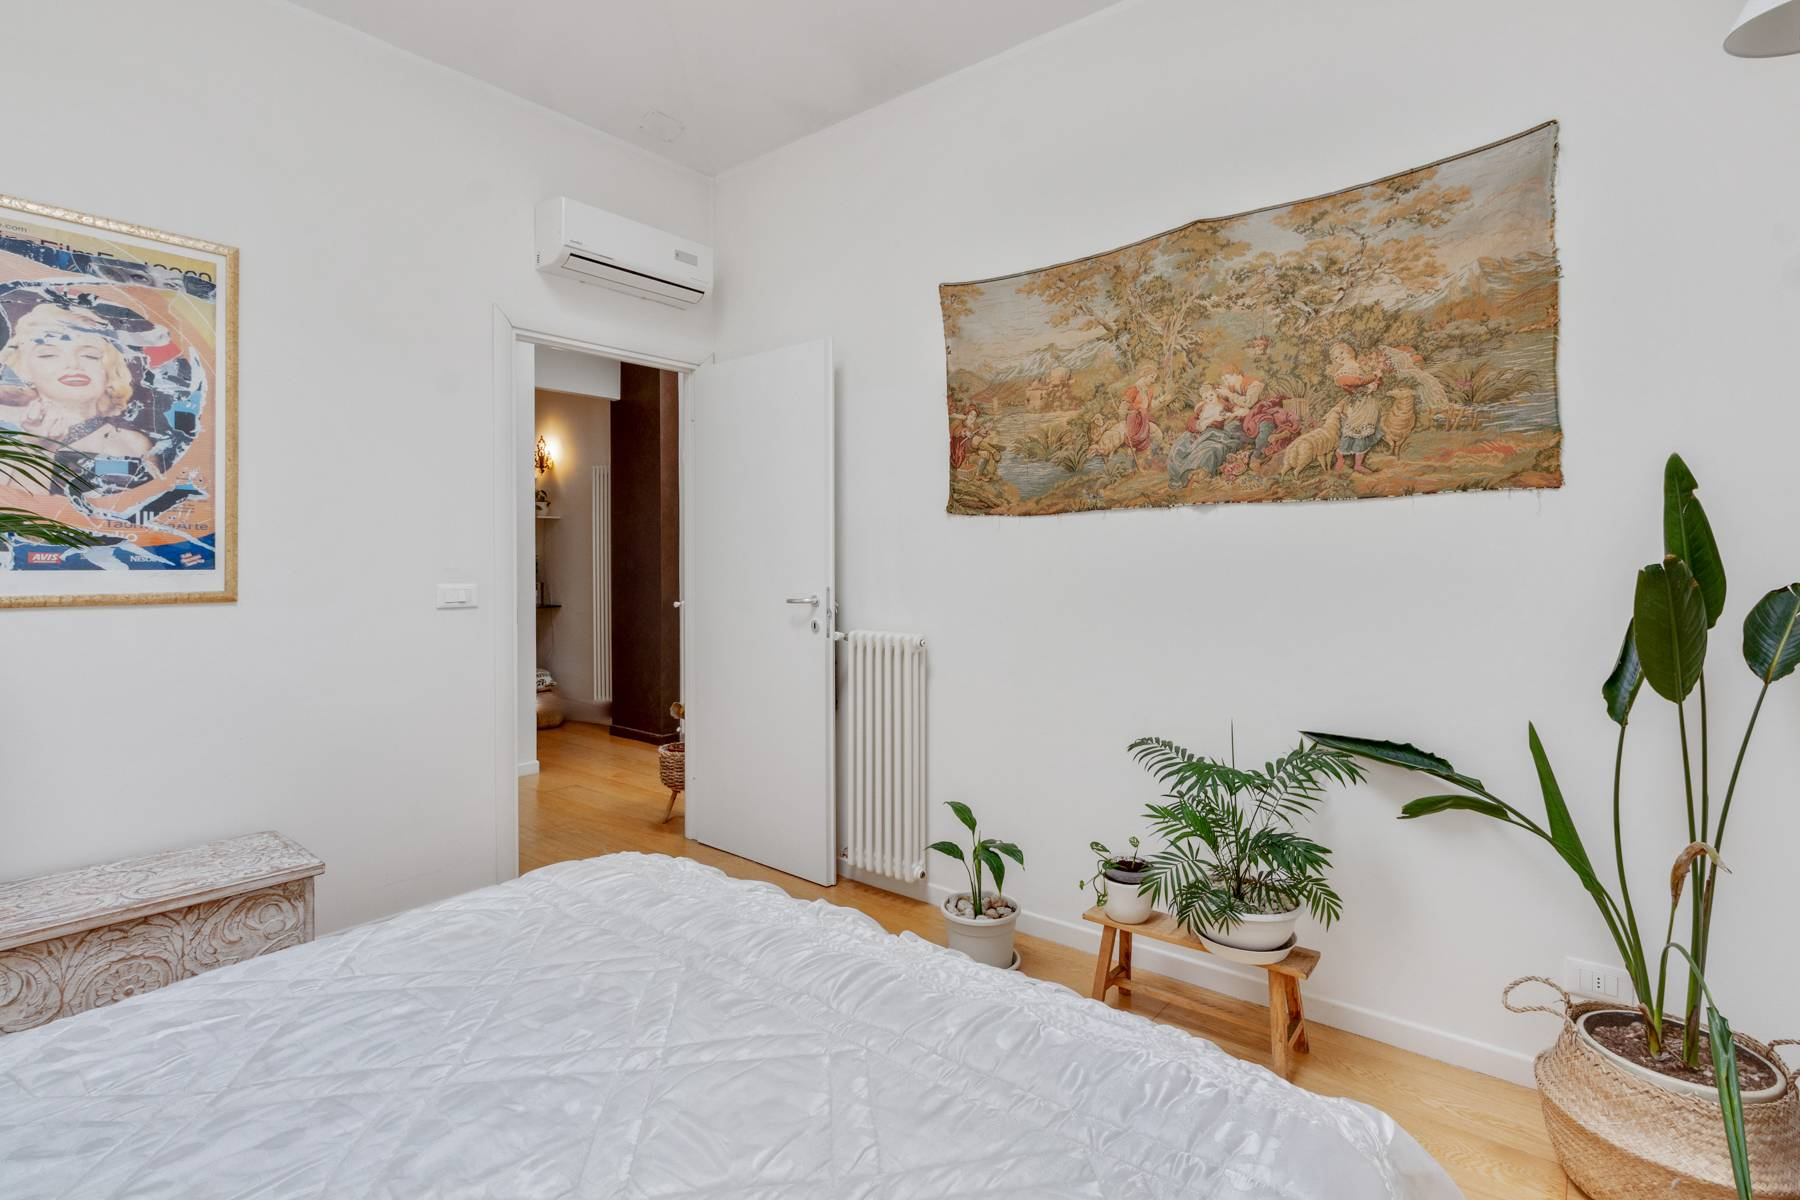 Appartamento in Vendita a Torino: 3 locali, 70 mq - Foto 11